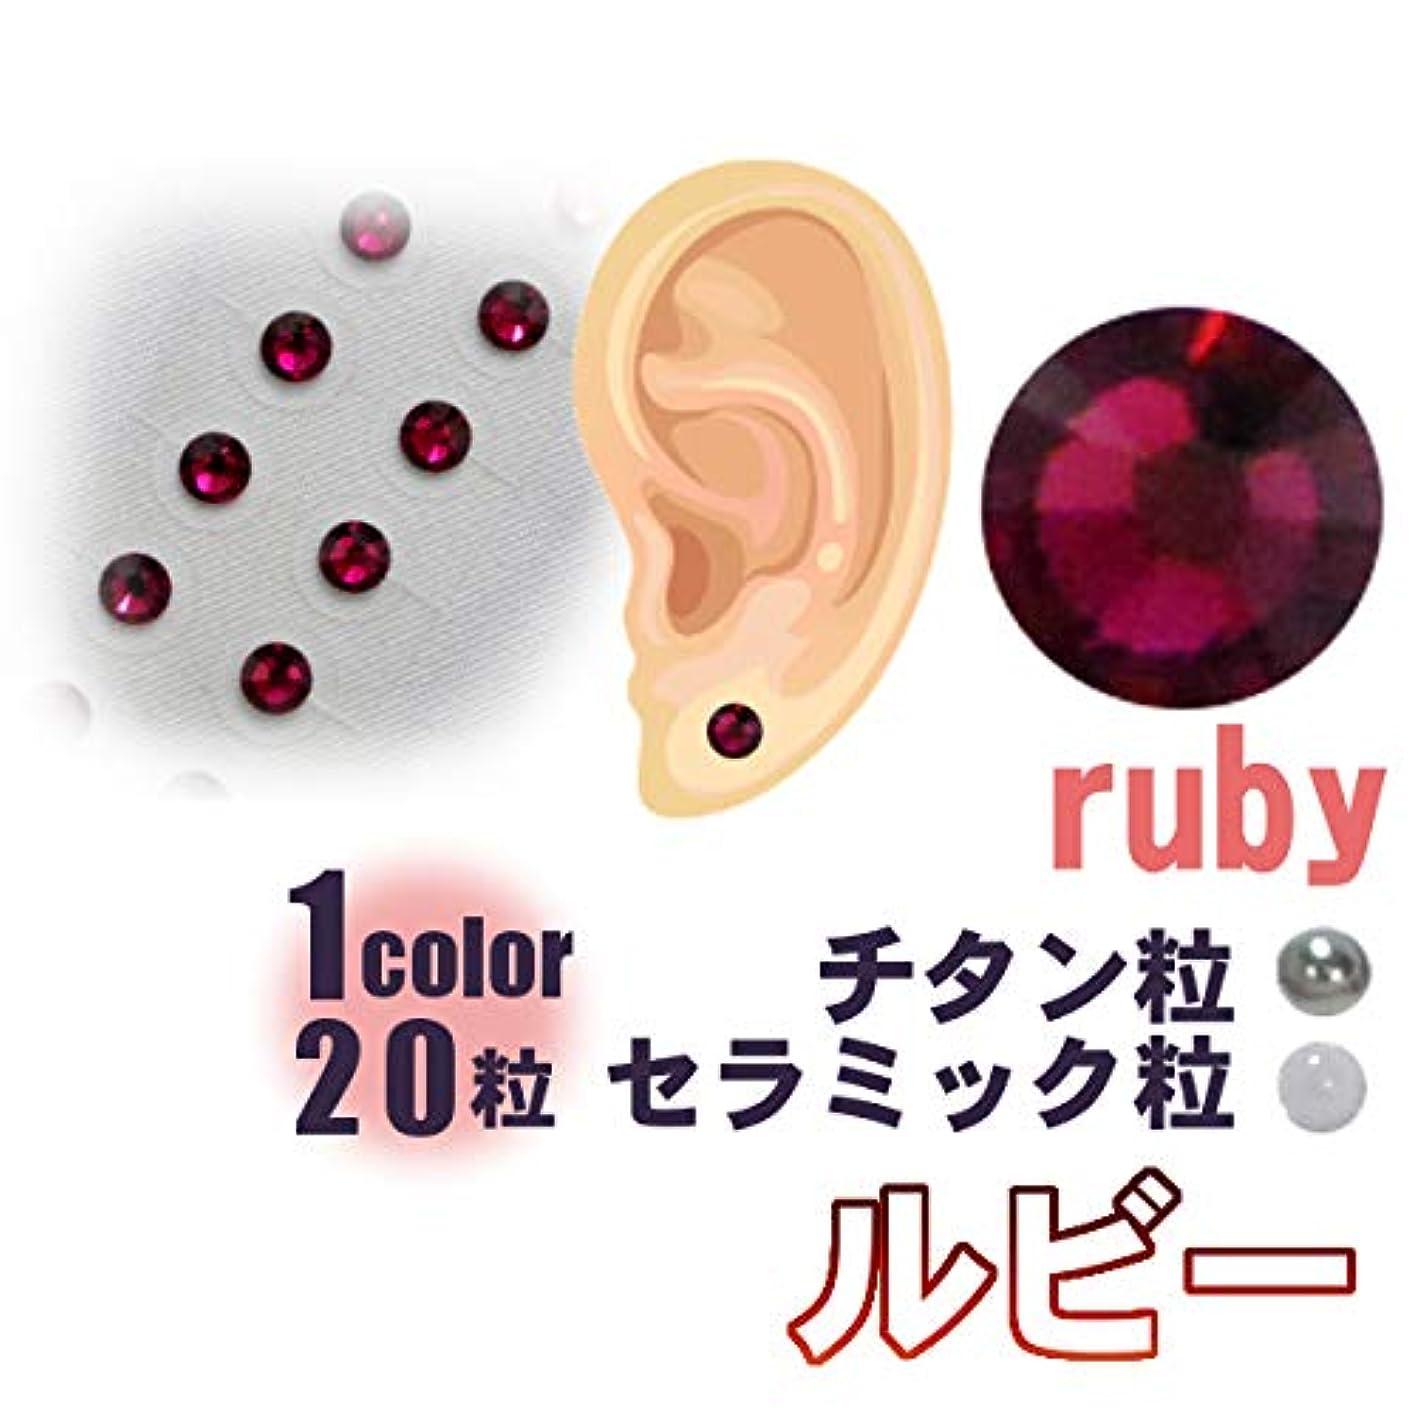 ゴージャス中庭連鎖耳つぼジュエリー(1シート20粒)ルビーー粘着強化耳ツボシール(L ss16 約4mm) 【初心者用耳つぼマップ付】